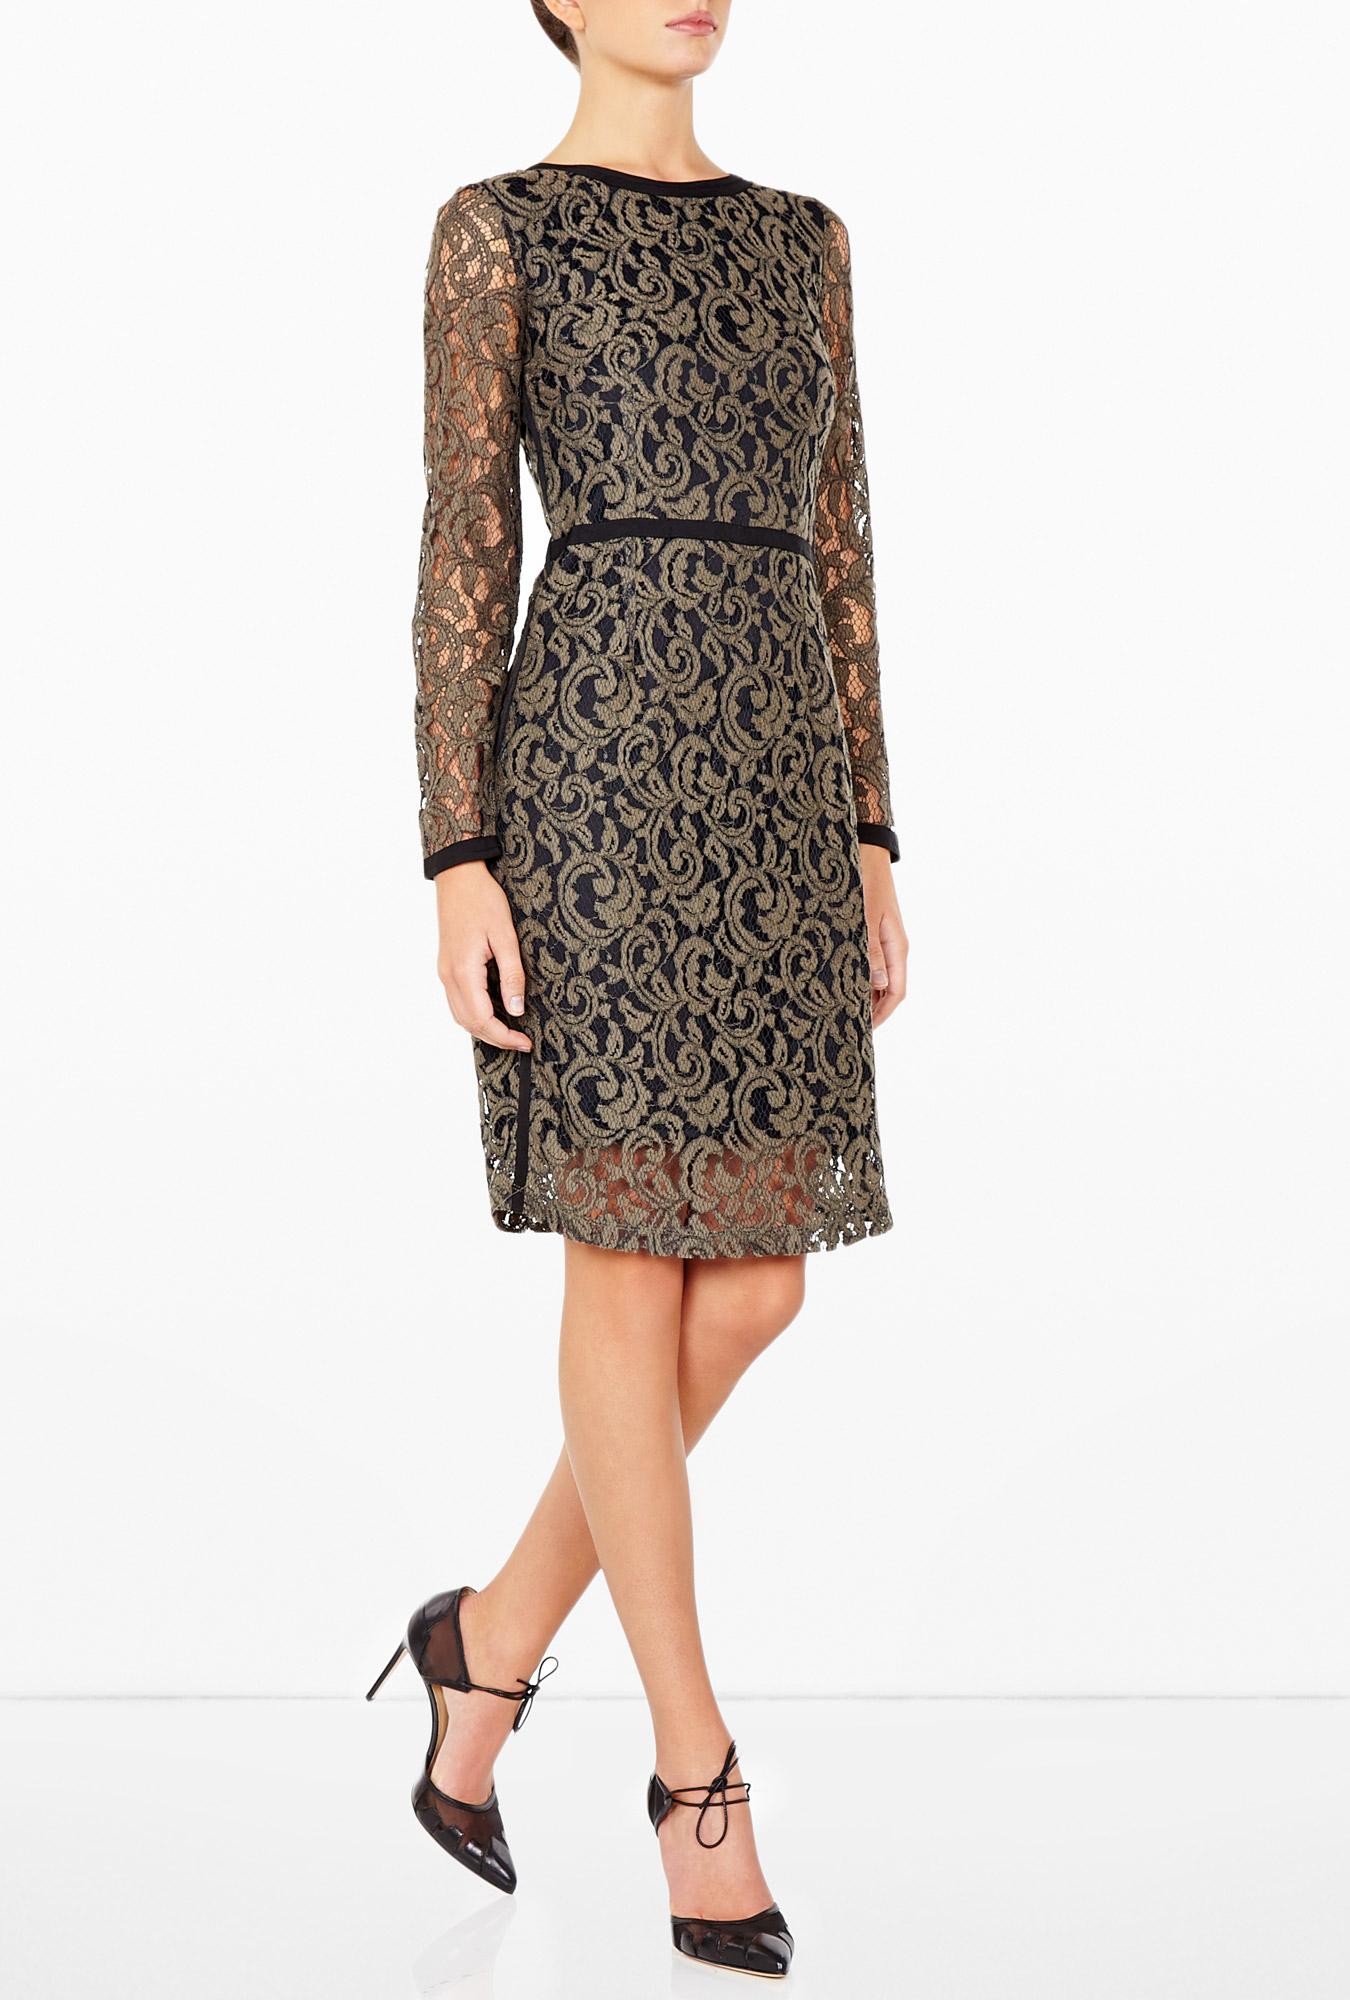 day birger et mikkelsen weave lace dress in black khaki lyst. Black Bedroom Furniture Sets. Home Design Ideas